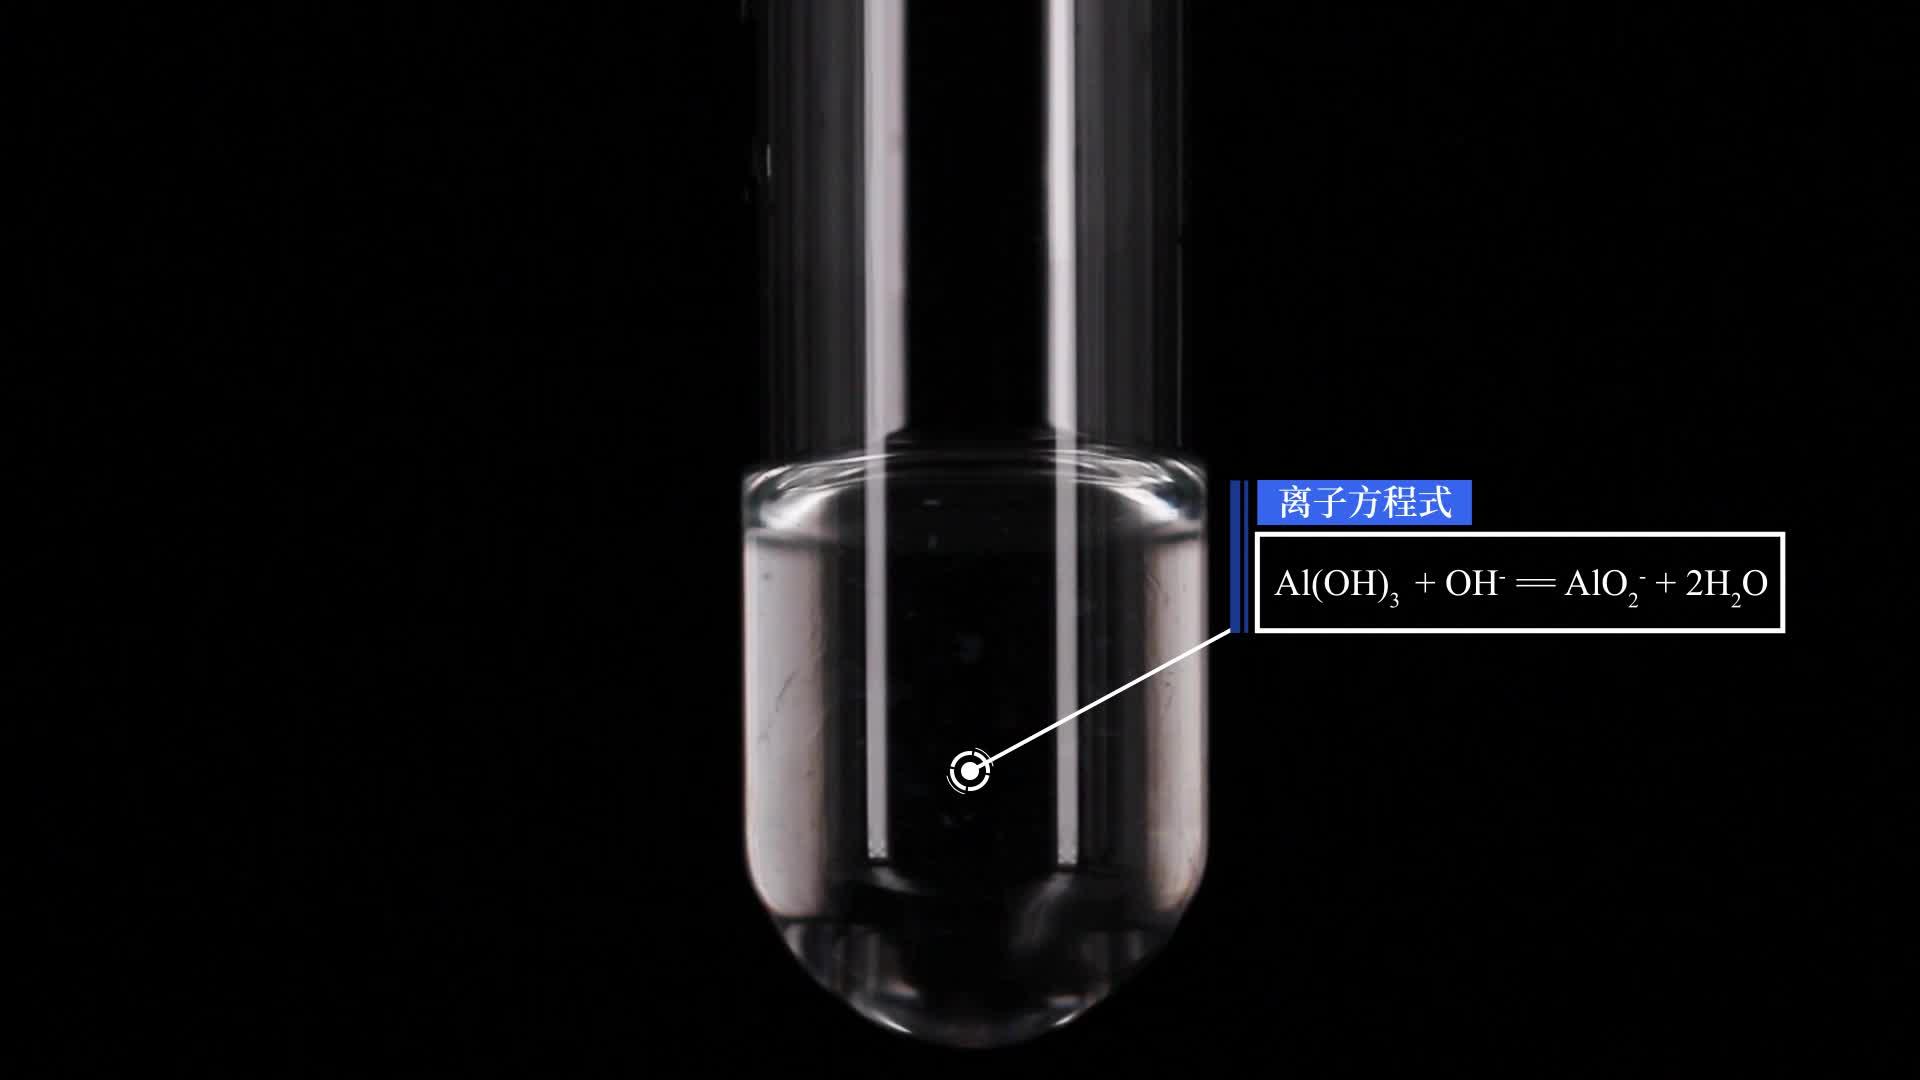 3.1 铝离子和碱反应-【火花学院】人教版必修一高一化学 第三章 金属及其化合物 第一节 金属的化学性质 [来自e网通客户端]